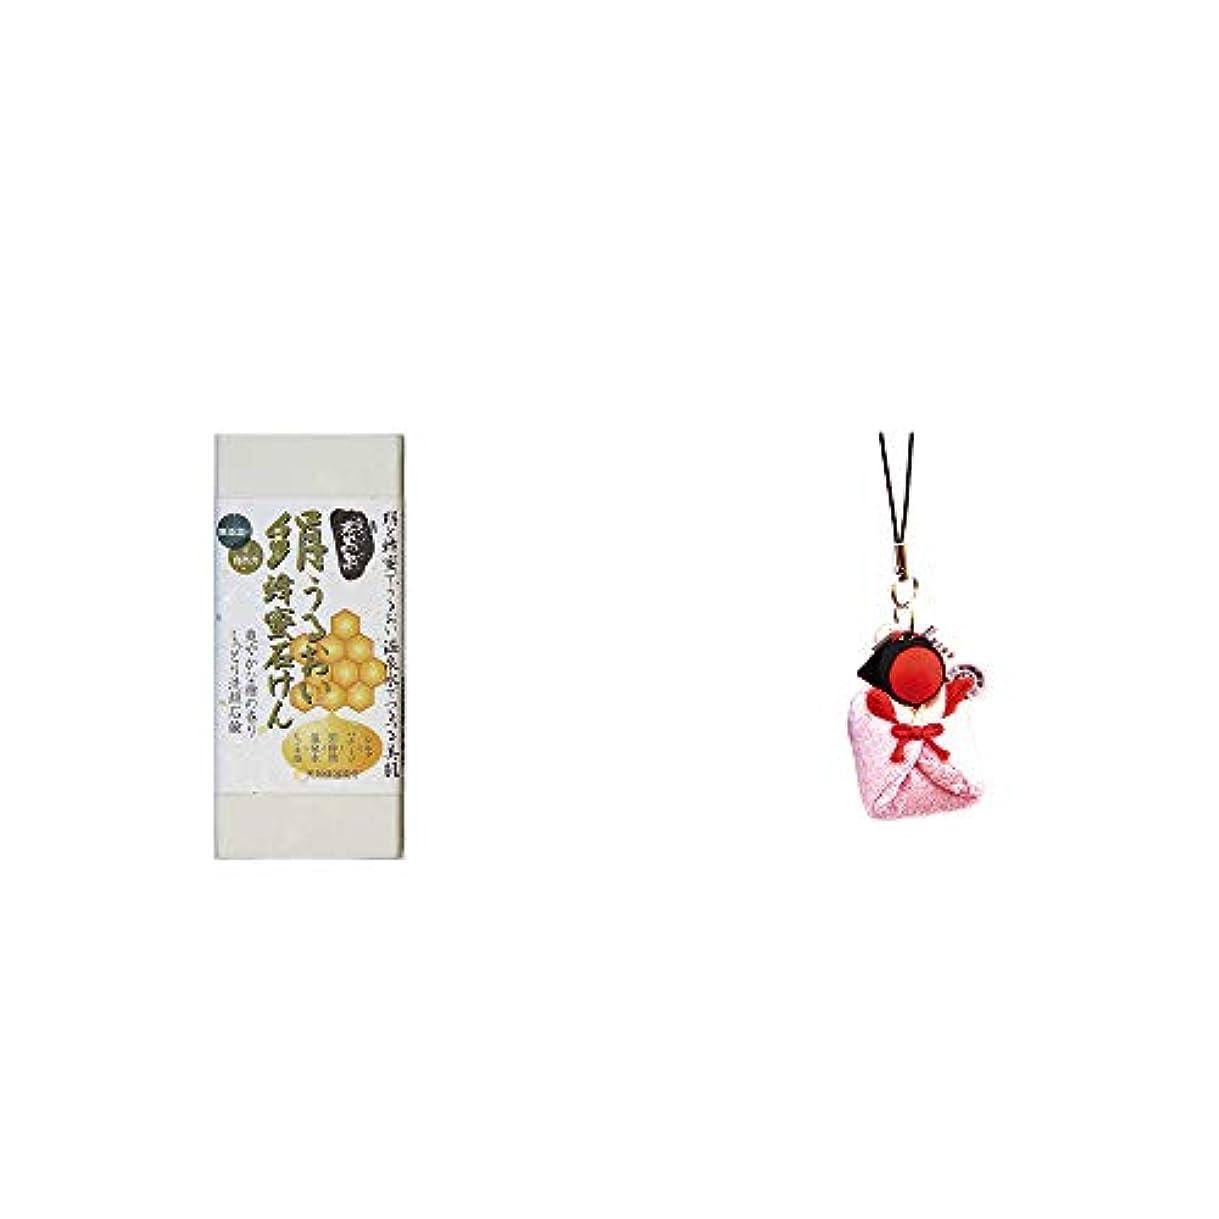 専らますますアンプ[2点セット] ひのき炭黒泉 絹うるおい蜂蜜石けん(75g×2)?おくるみさるぼぼ【ピンク】(布タイプ) 小 ストラップ/子宝?安産祈願に //